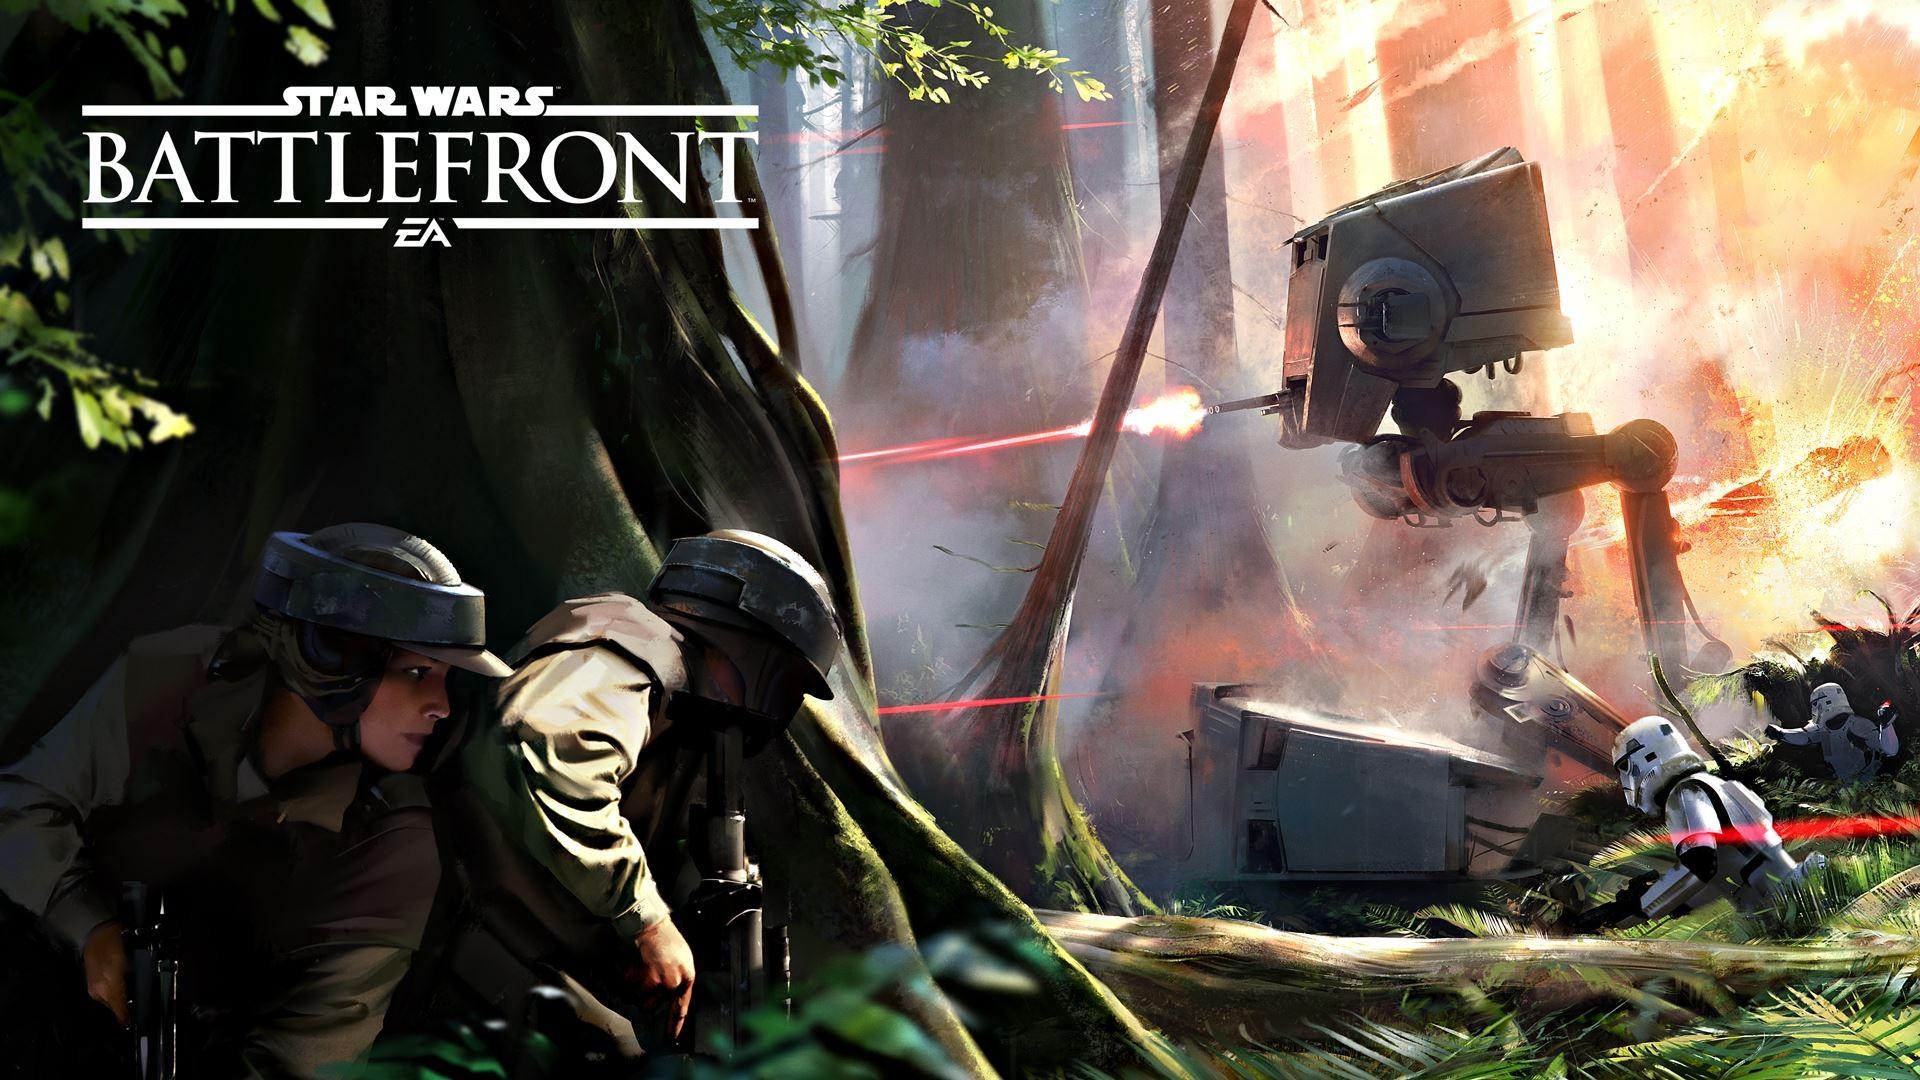 General 1920x1080 Star Wars Star Wars: Battlefront Endor AT-ST Battle of Endor Rebel Alliance stormtrooper AT-ST Walker Storm Troopers Imperial Stormtrooper